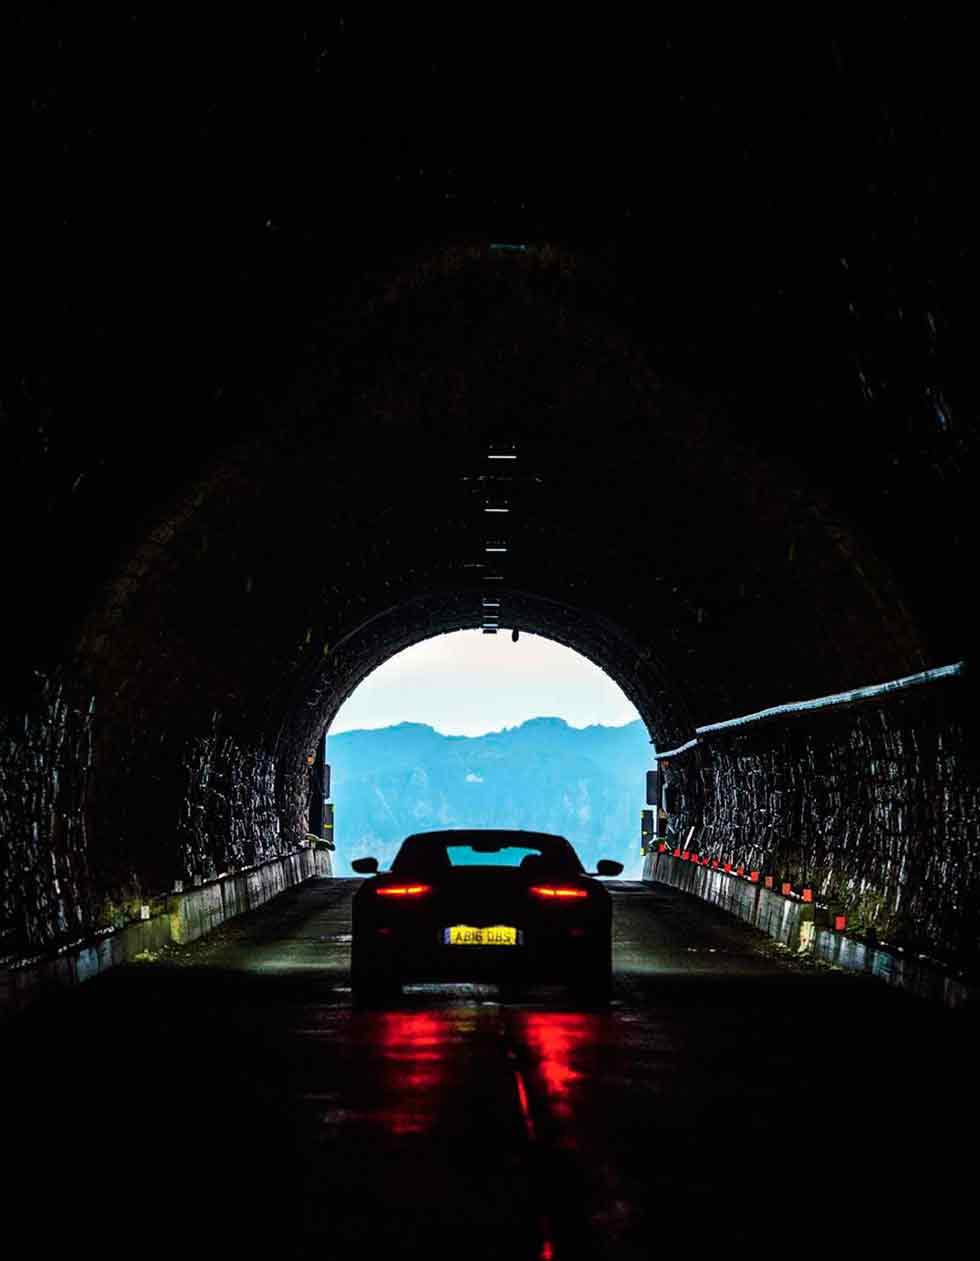 2019-Aston-Martin-DBS-Superleggera